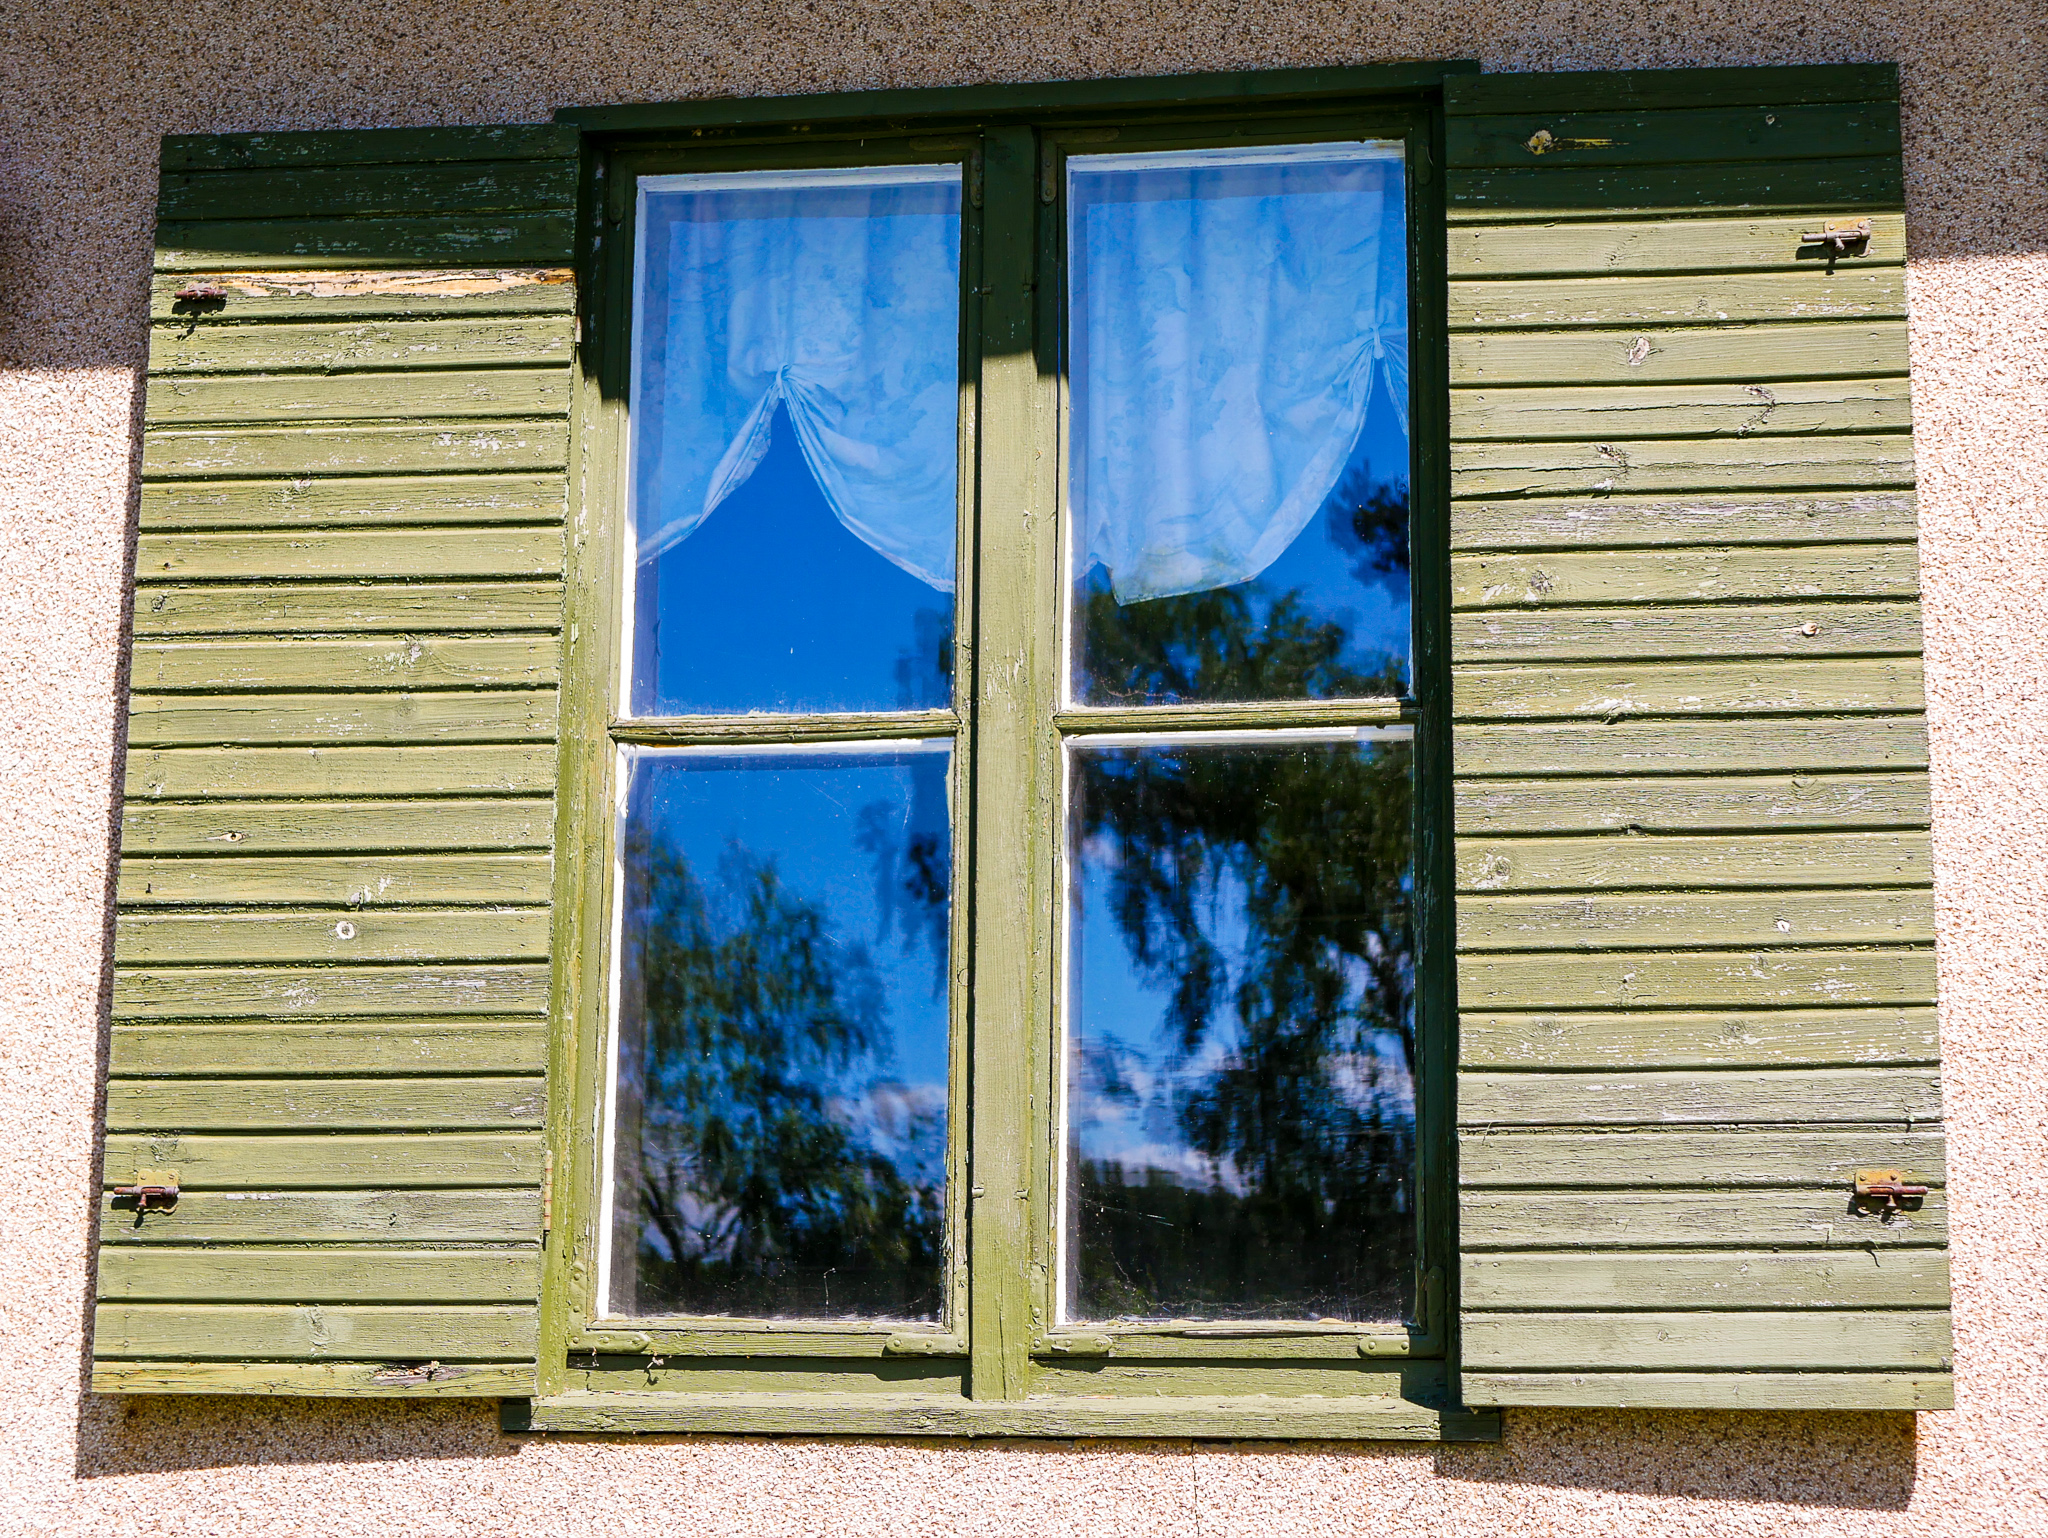 Finns det nåt charmigare än såna här spröjsade fönster?!